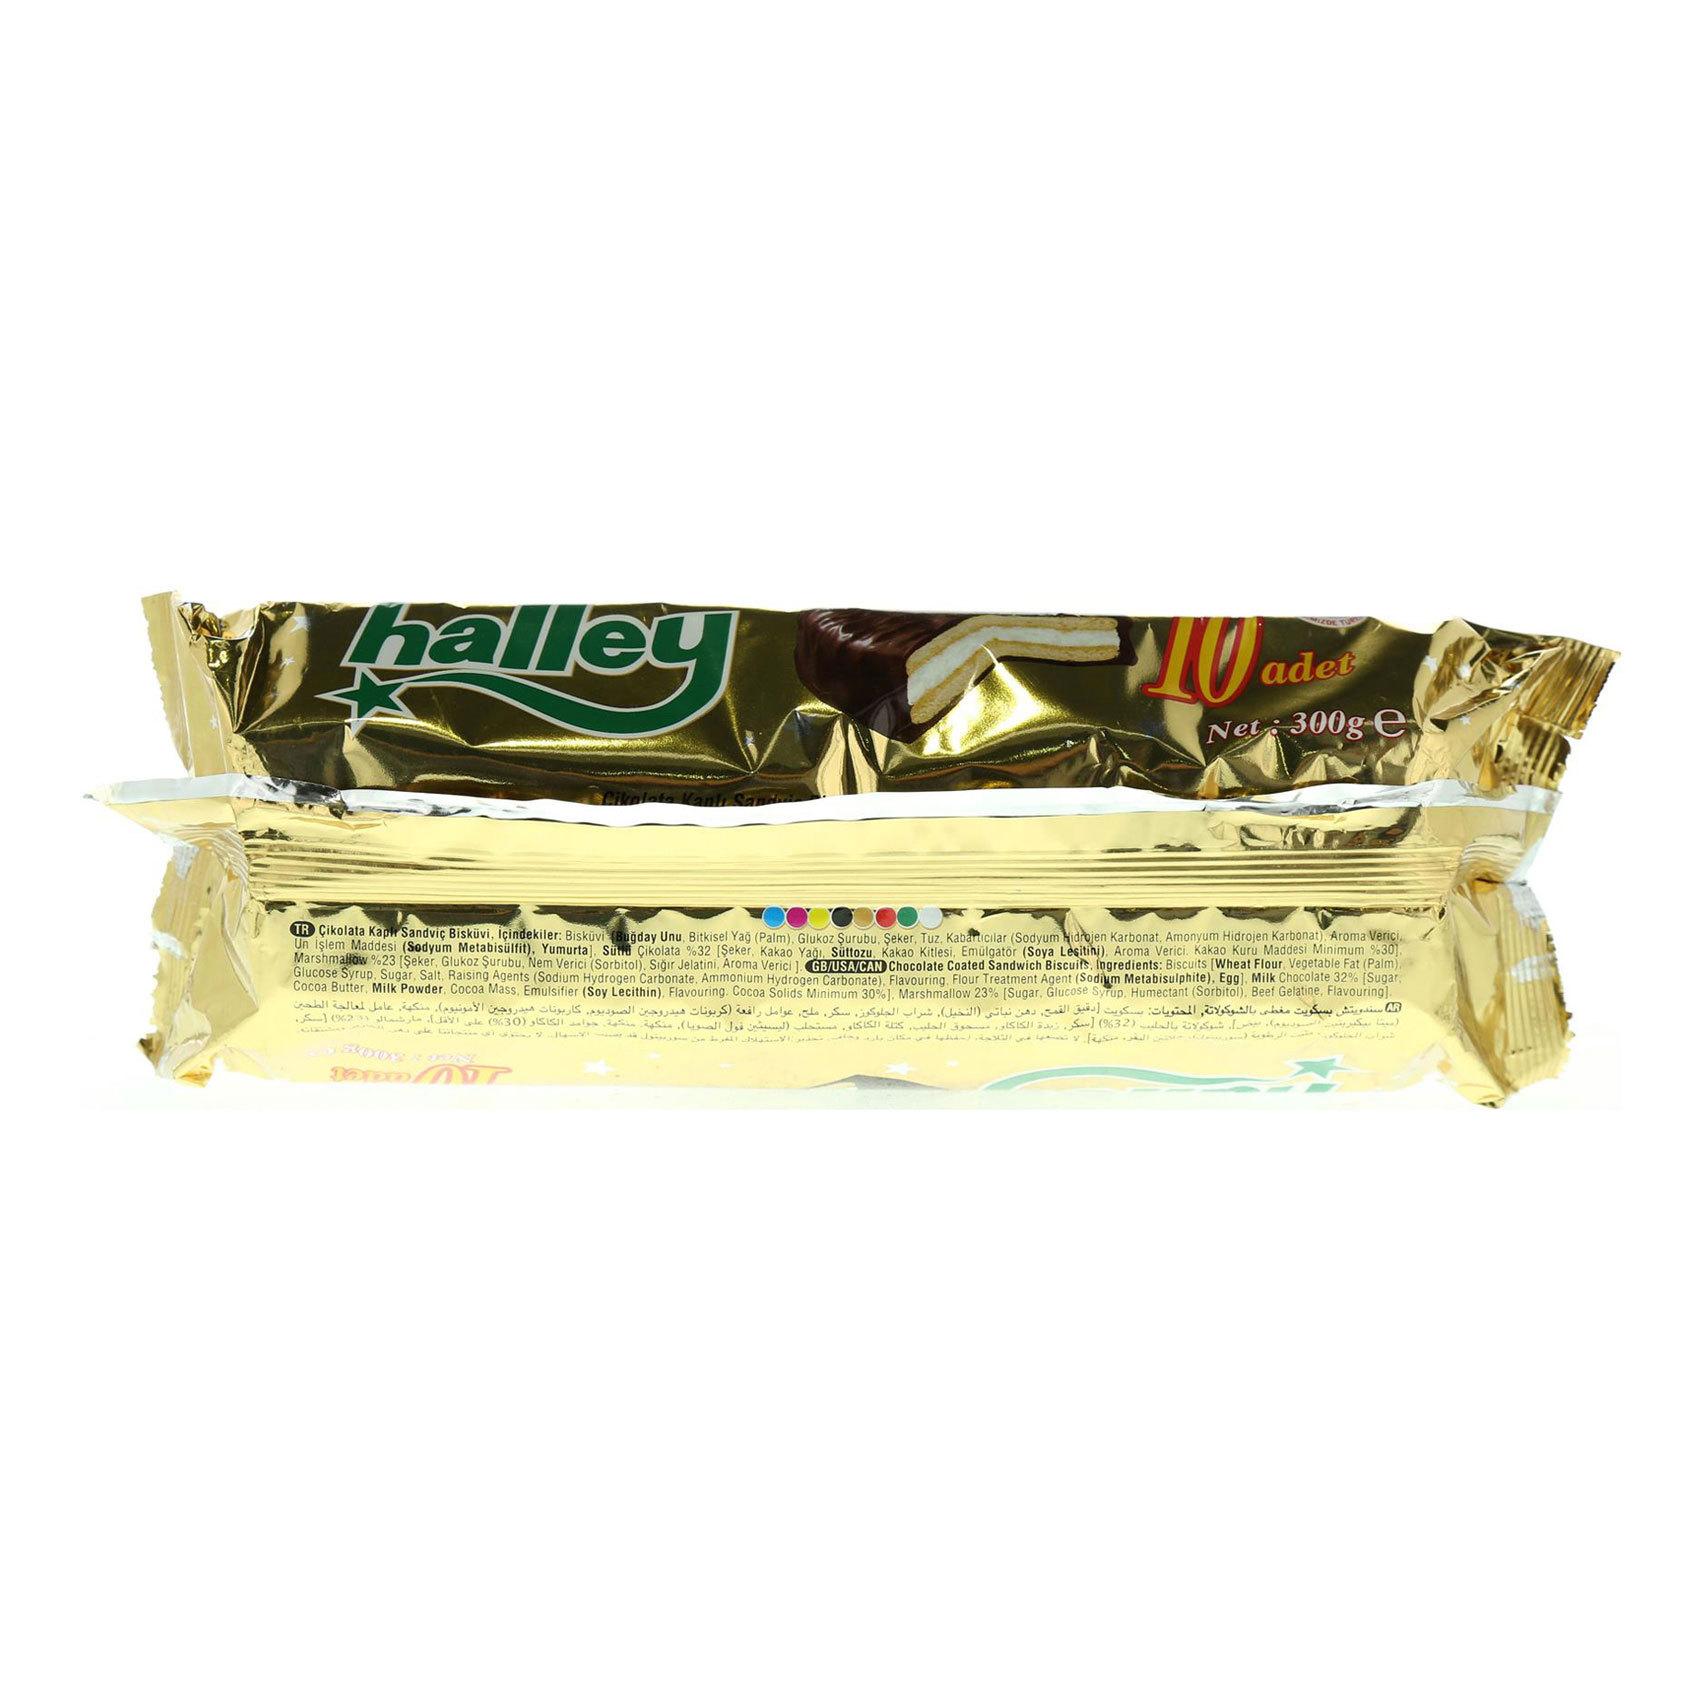 ULKER HALLEY CAKE 300GR